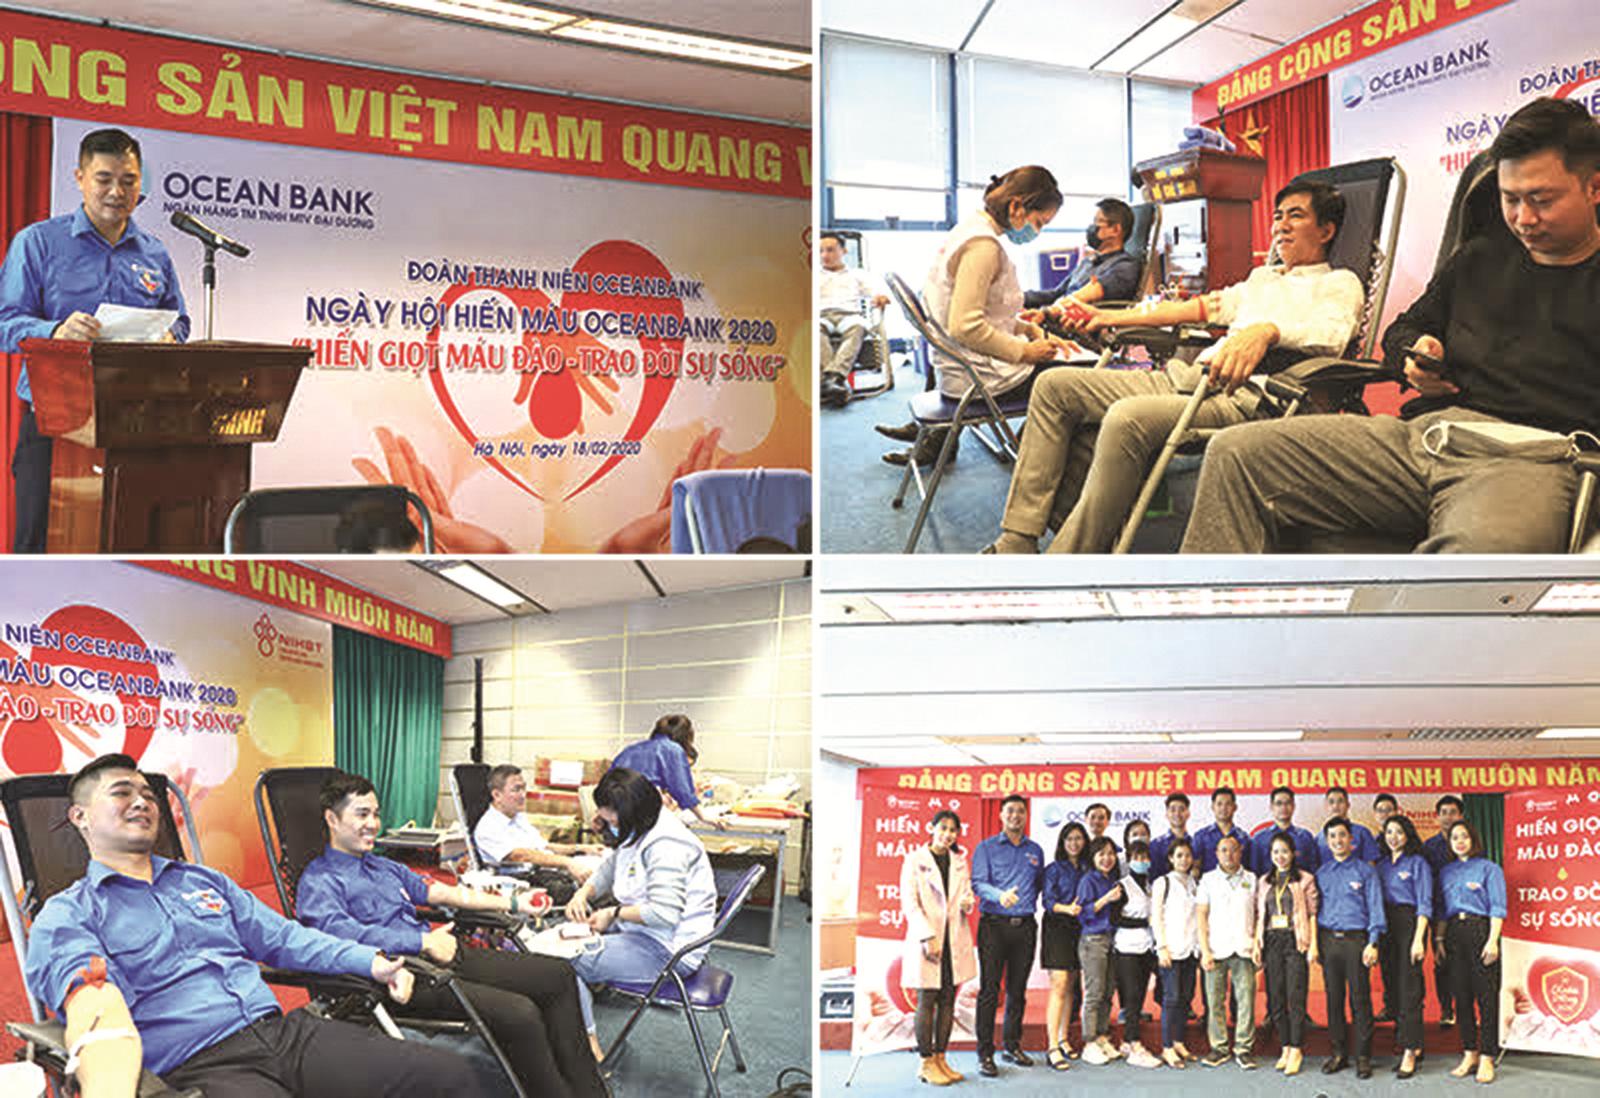 Công đoàn Ngân hàng Việt Nam: Giọt máu cứu người…